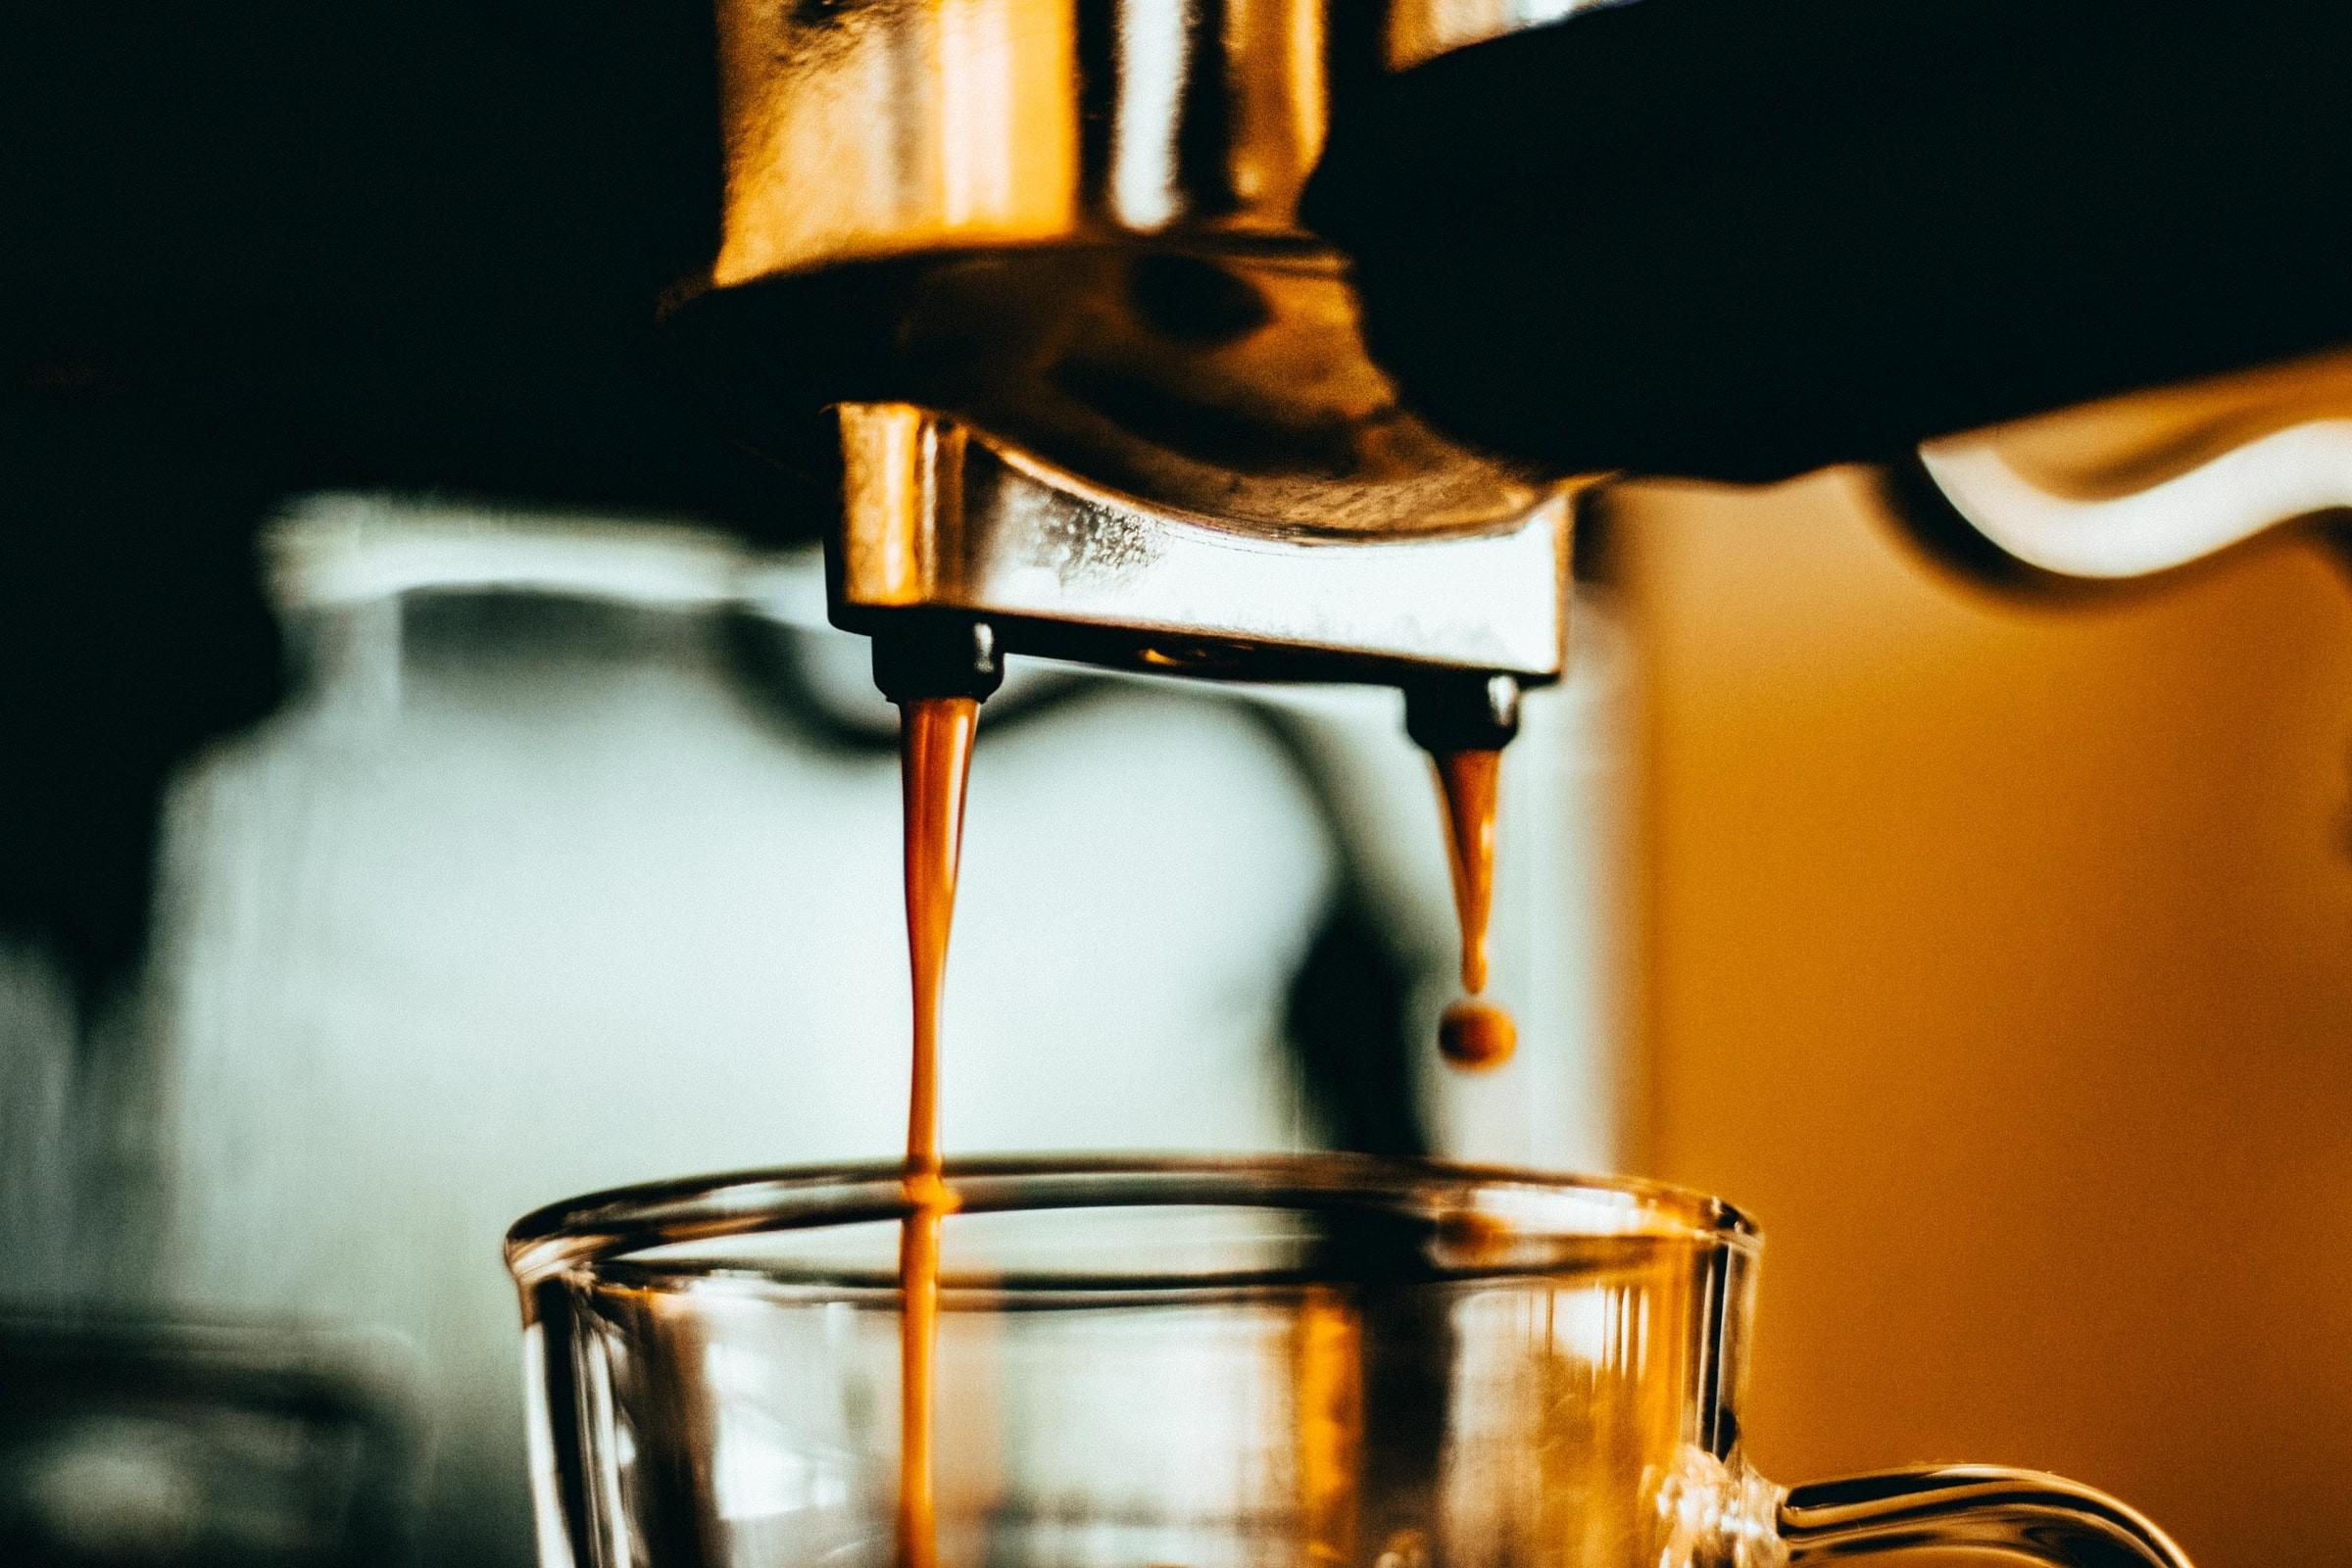 preparando cafe late